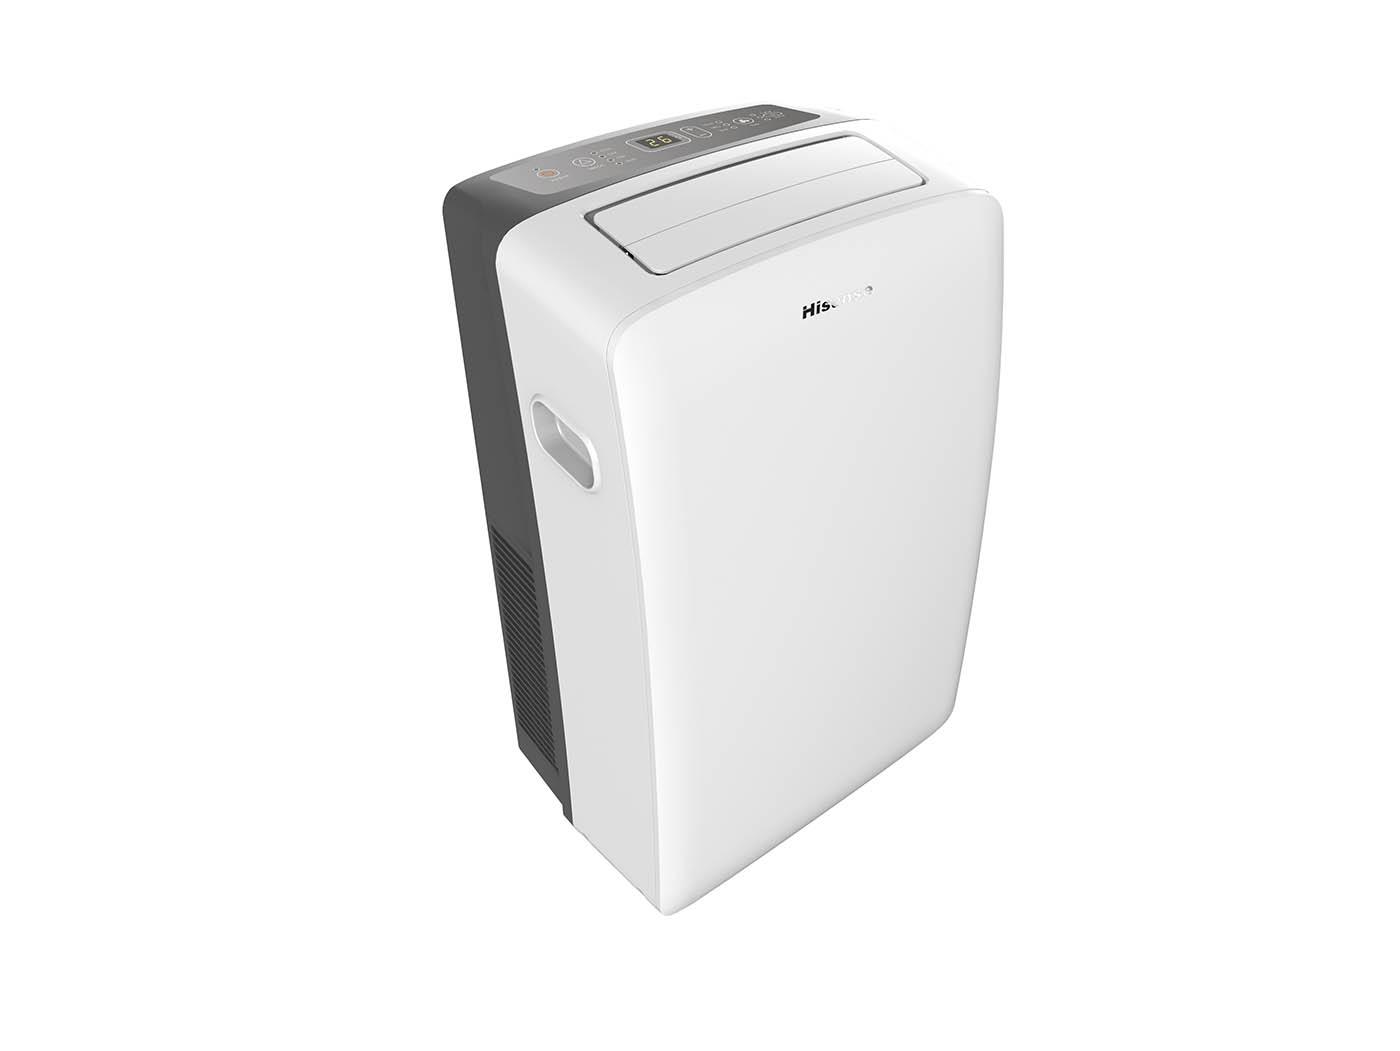 Serie Portatil Aire acondicionado Portátil APC09